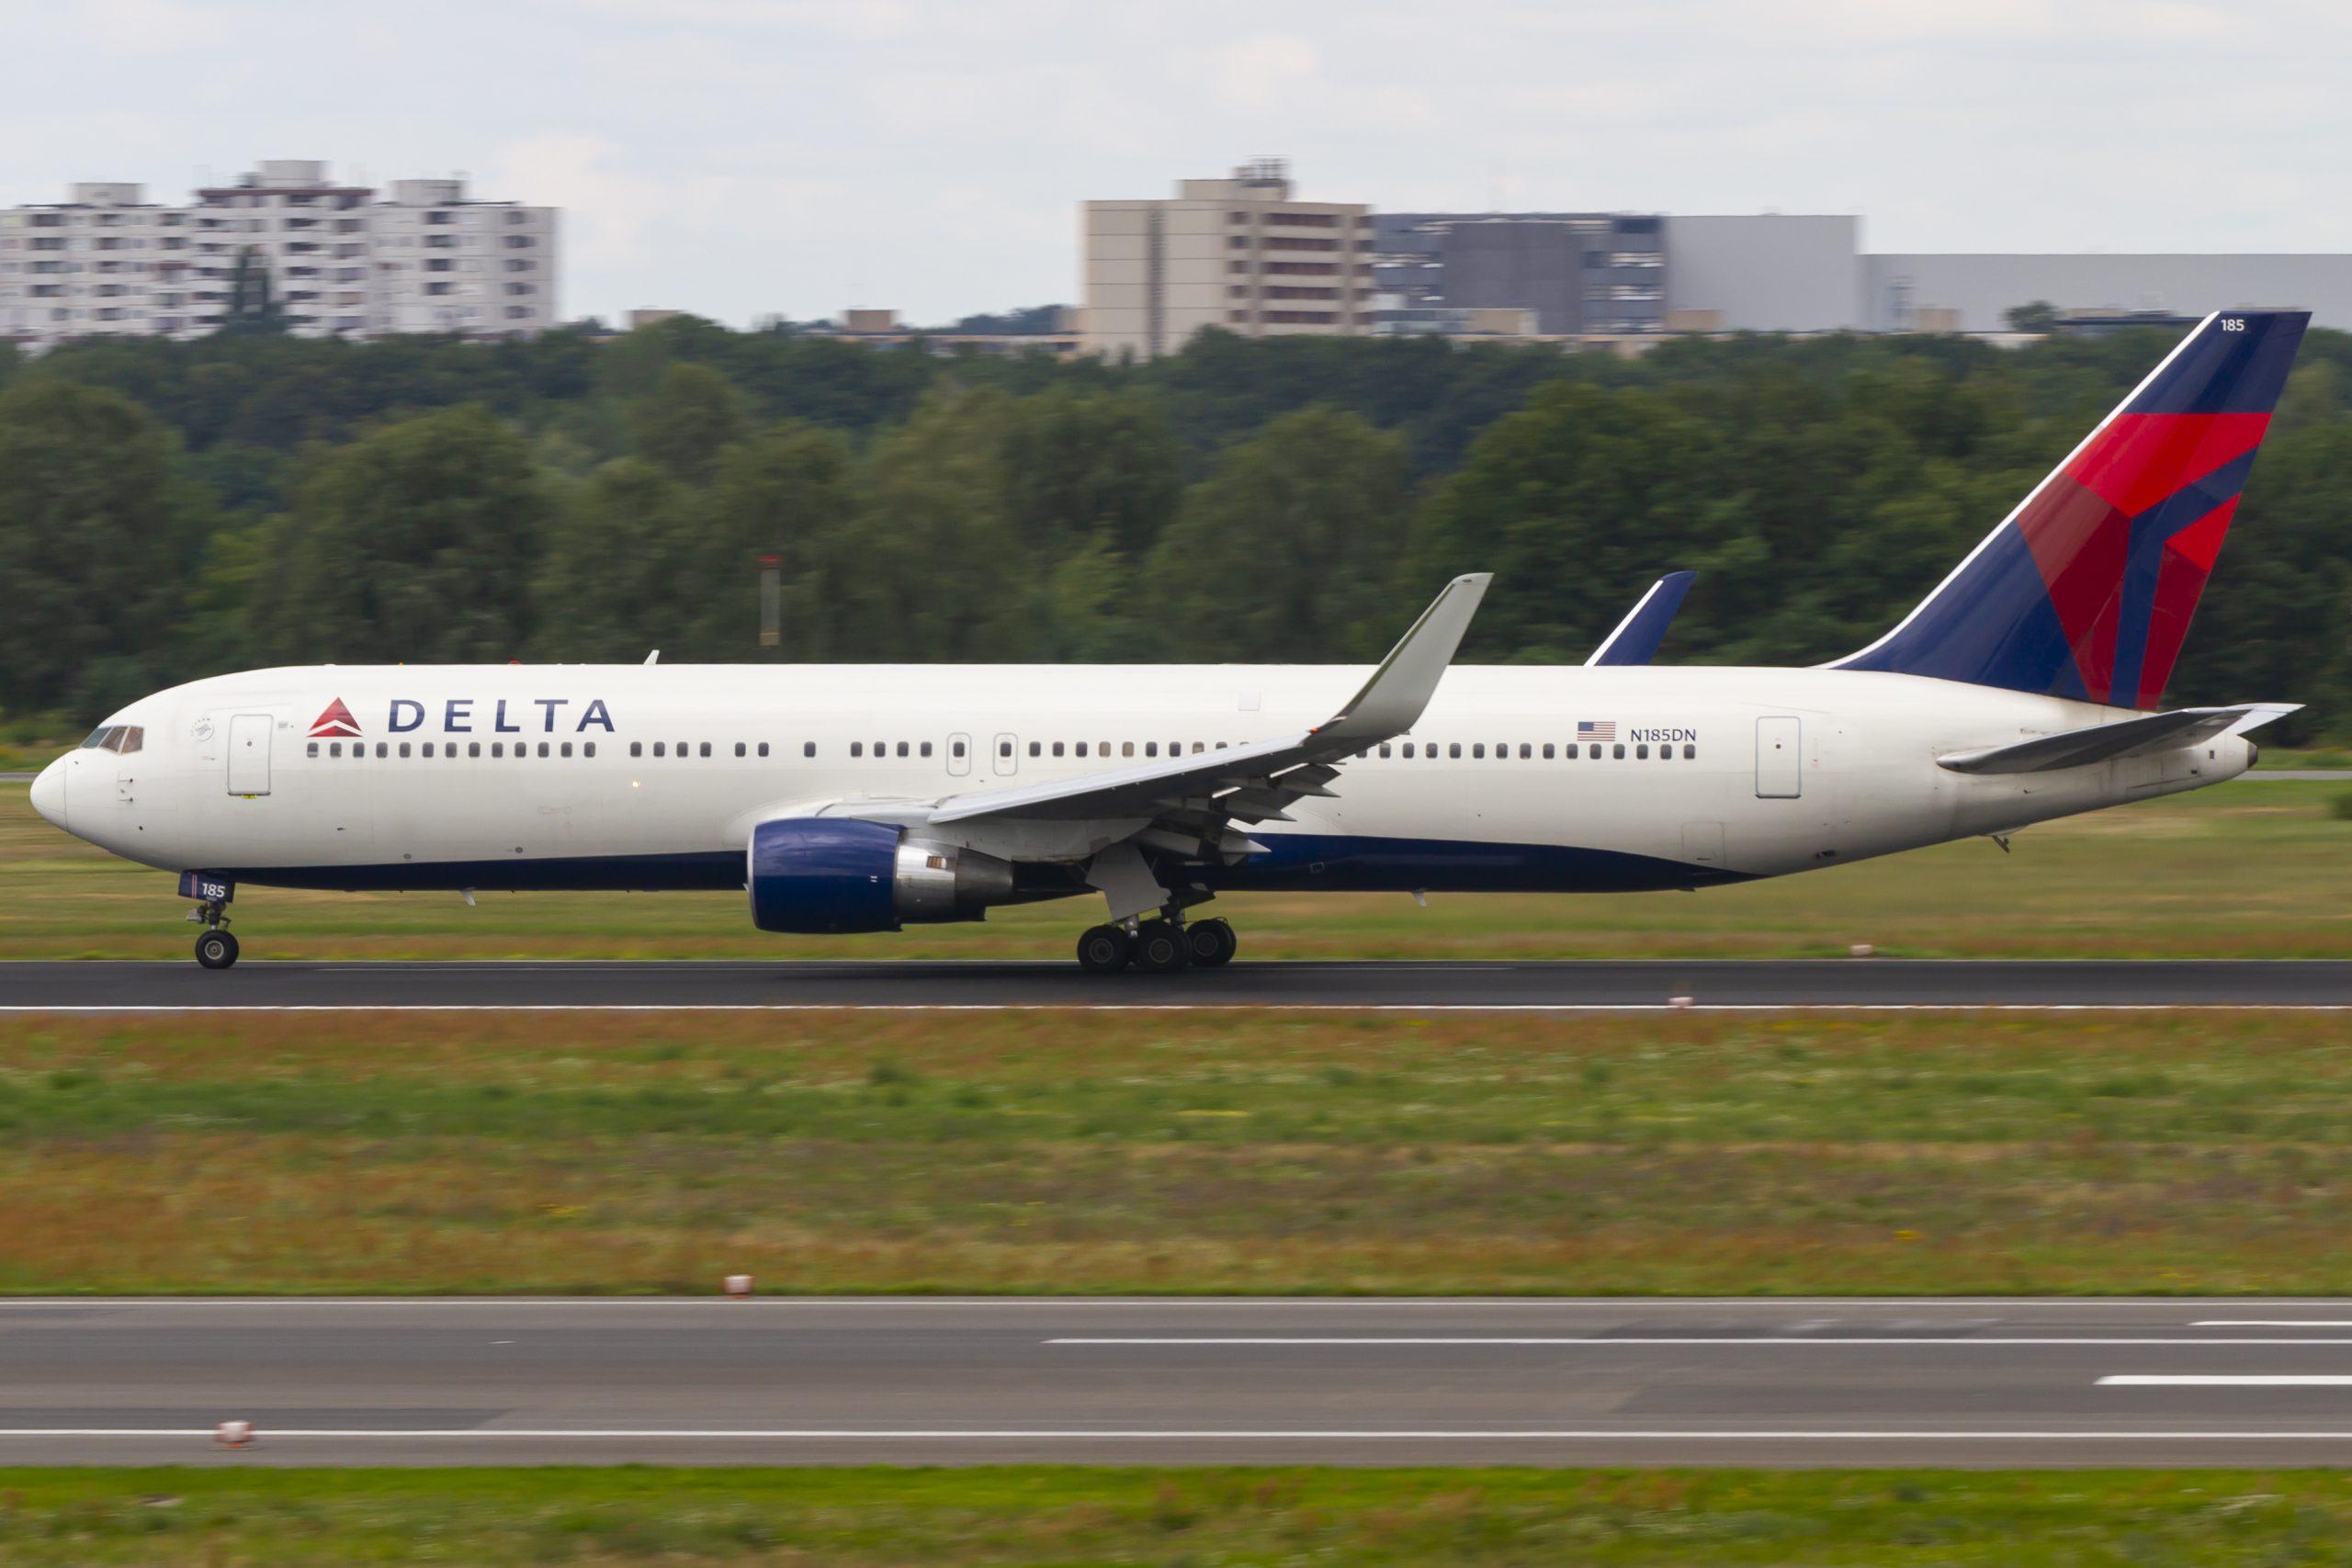 En Boeing 767-300ER fra Delta Air Lines. Foto: © Thorbjørn Brunander Sund, Danish Aviation Photo